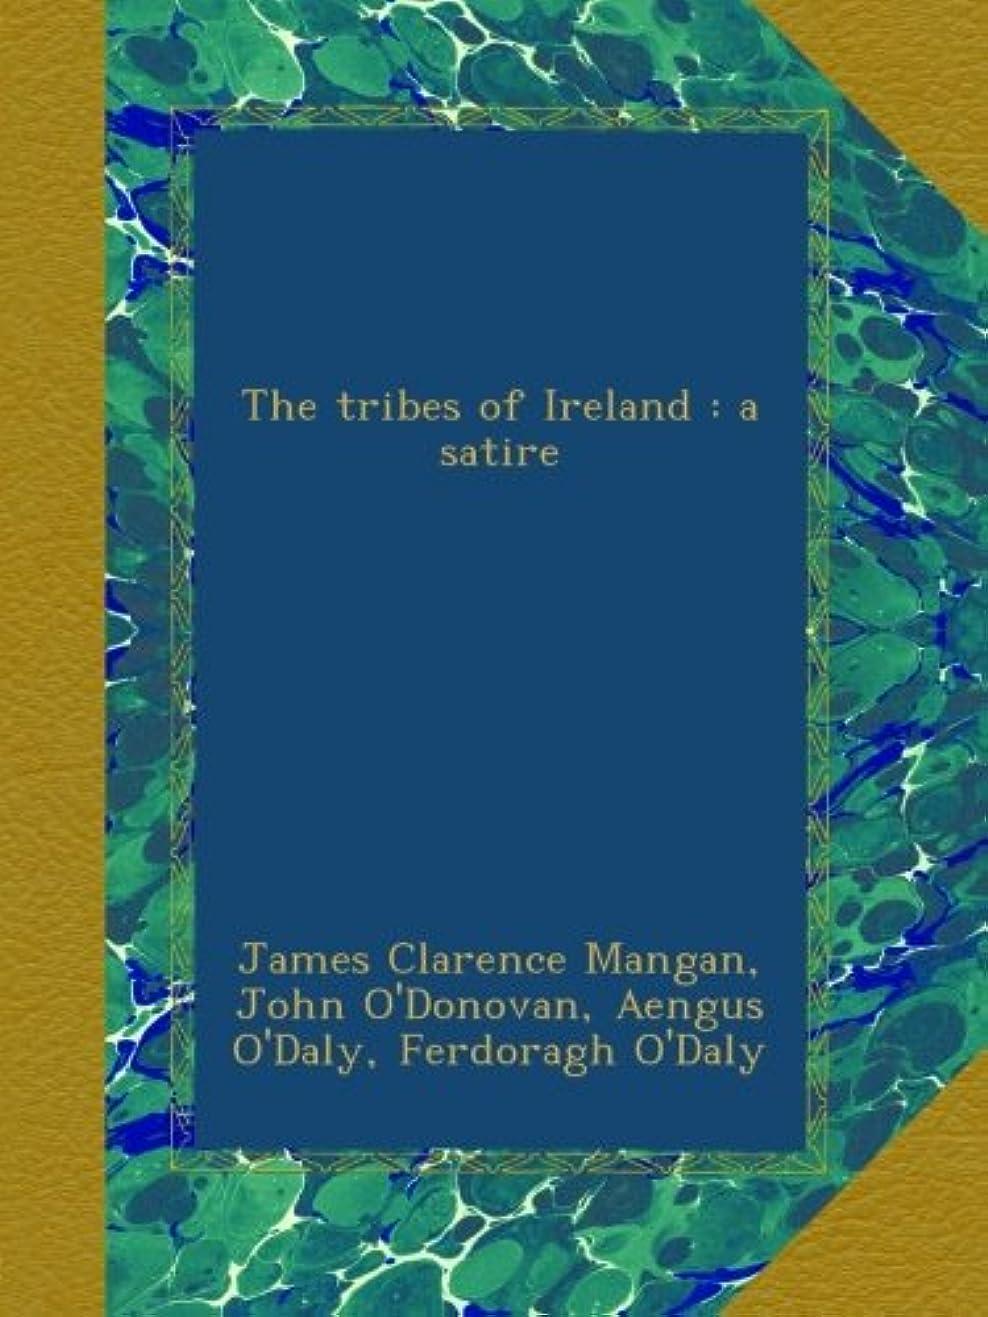 メルボルンこだわり青The tribes of Ireland : a satire